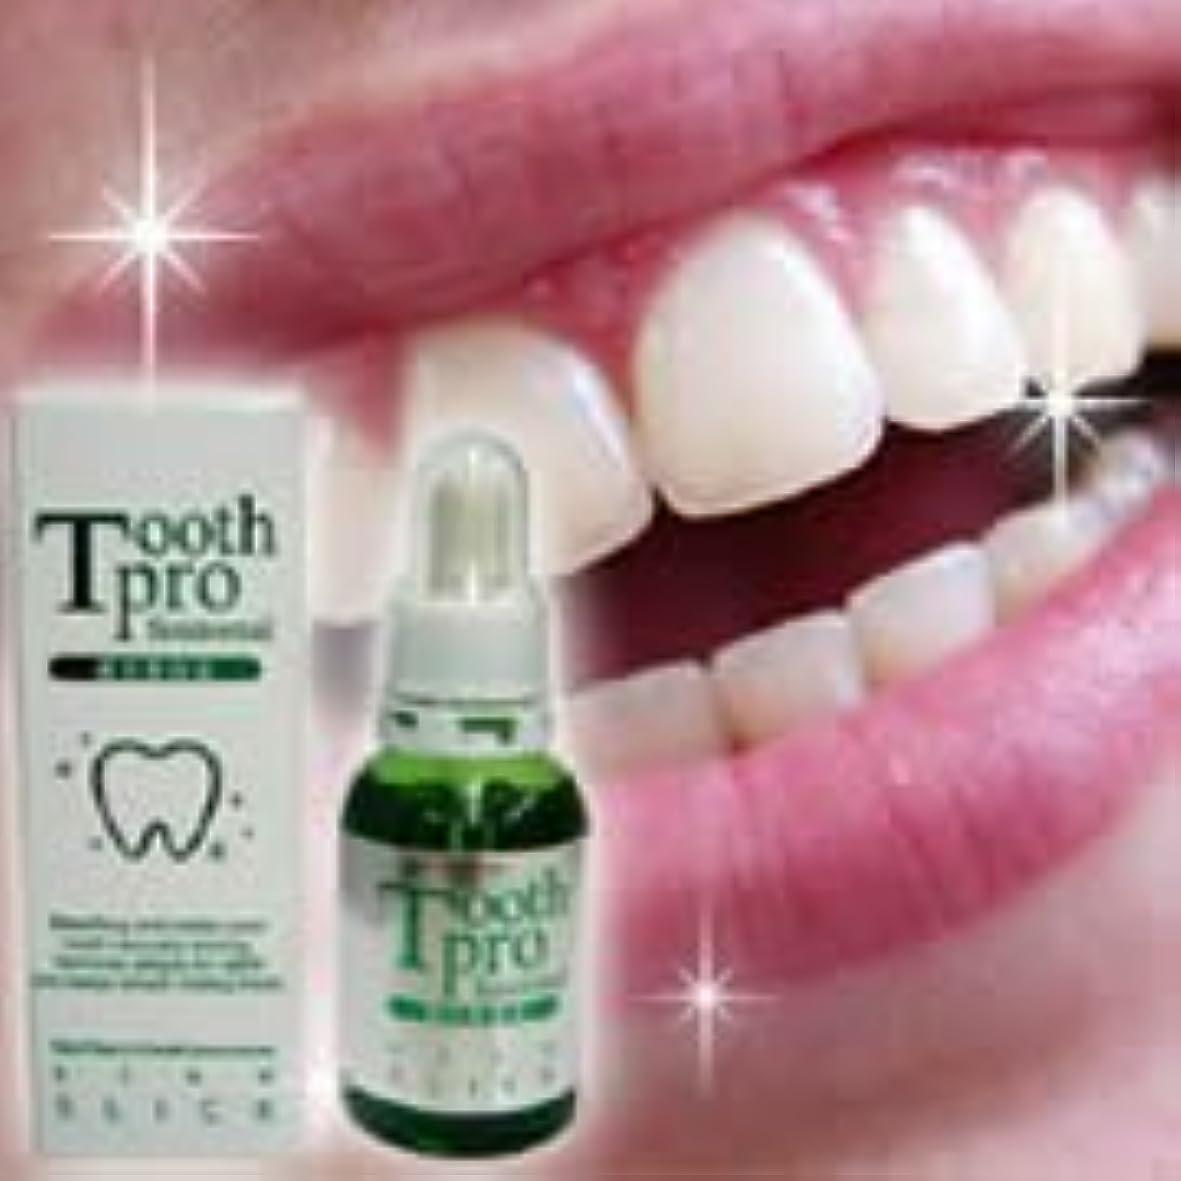 中止します神秘操作トゥース プロフェッショナル 20ml ×2個セット (tooth professional)